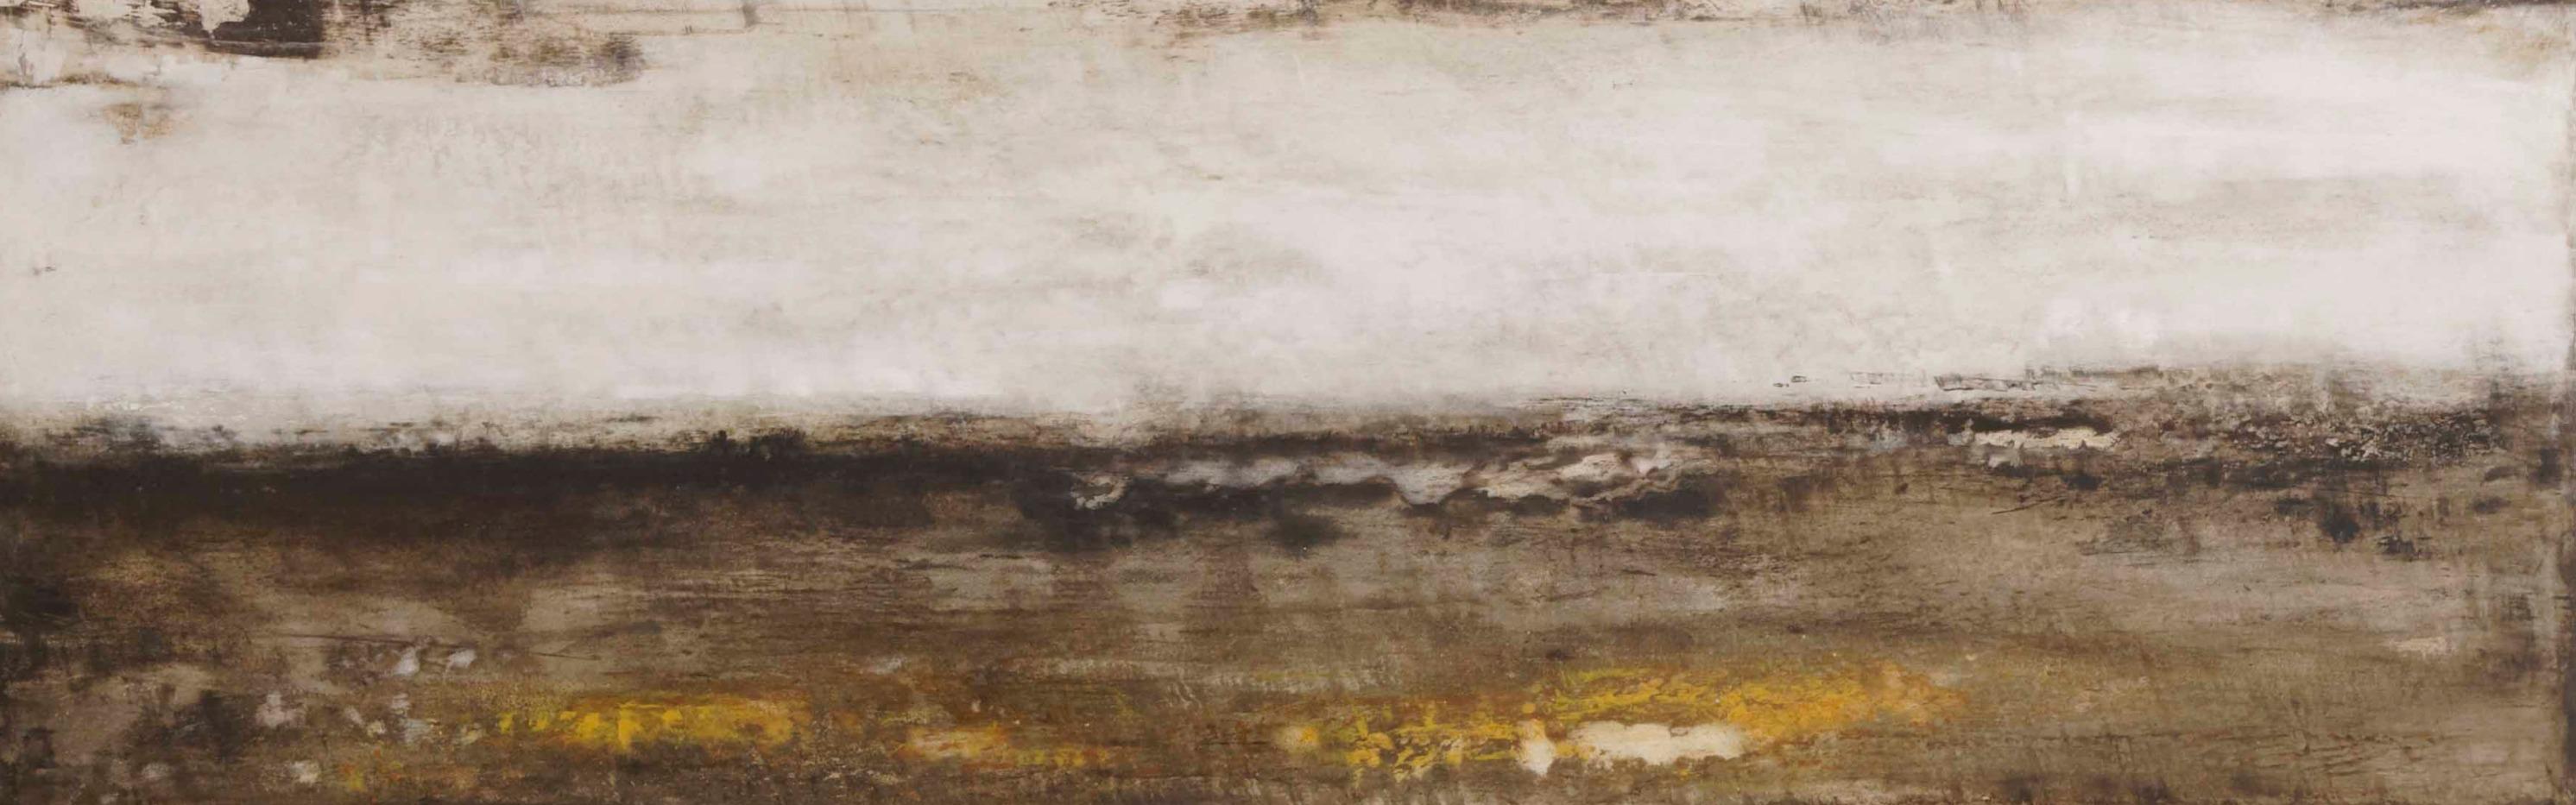 2013    30 x 100 cm